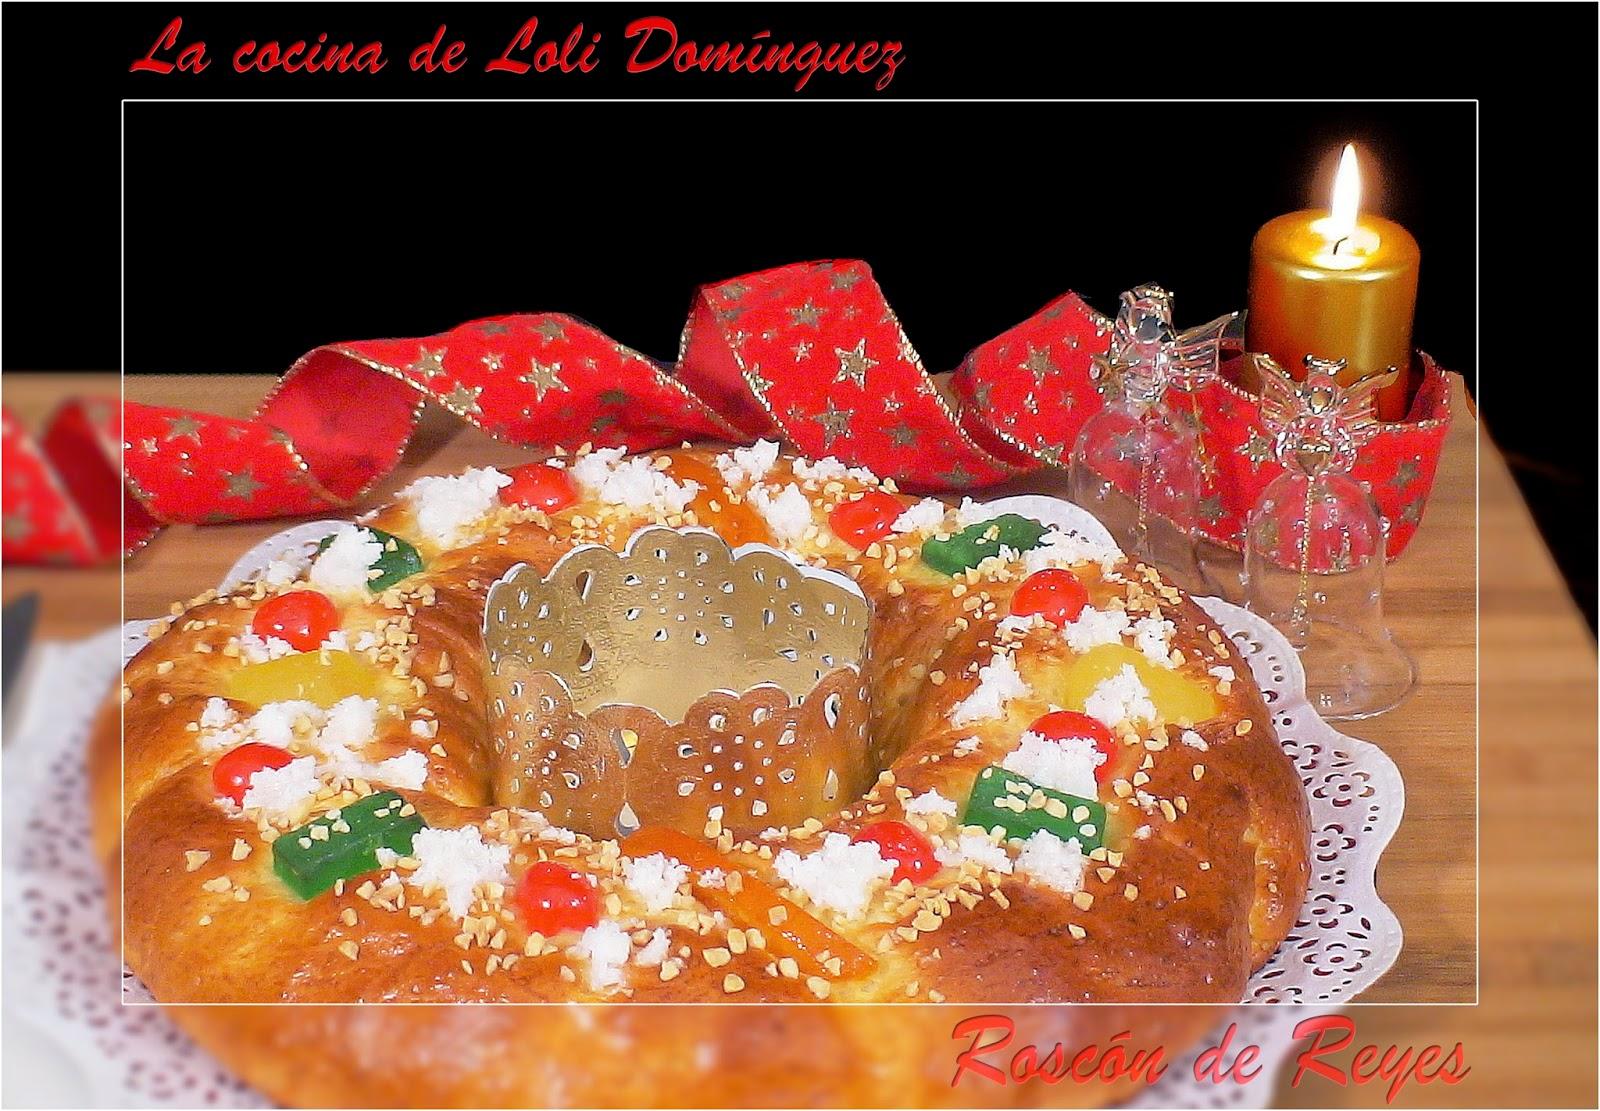 Cocinando Con Loli | La Cocina De Loli Dominguez Roscon De Reyes Tradicional